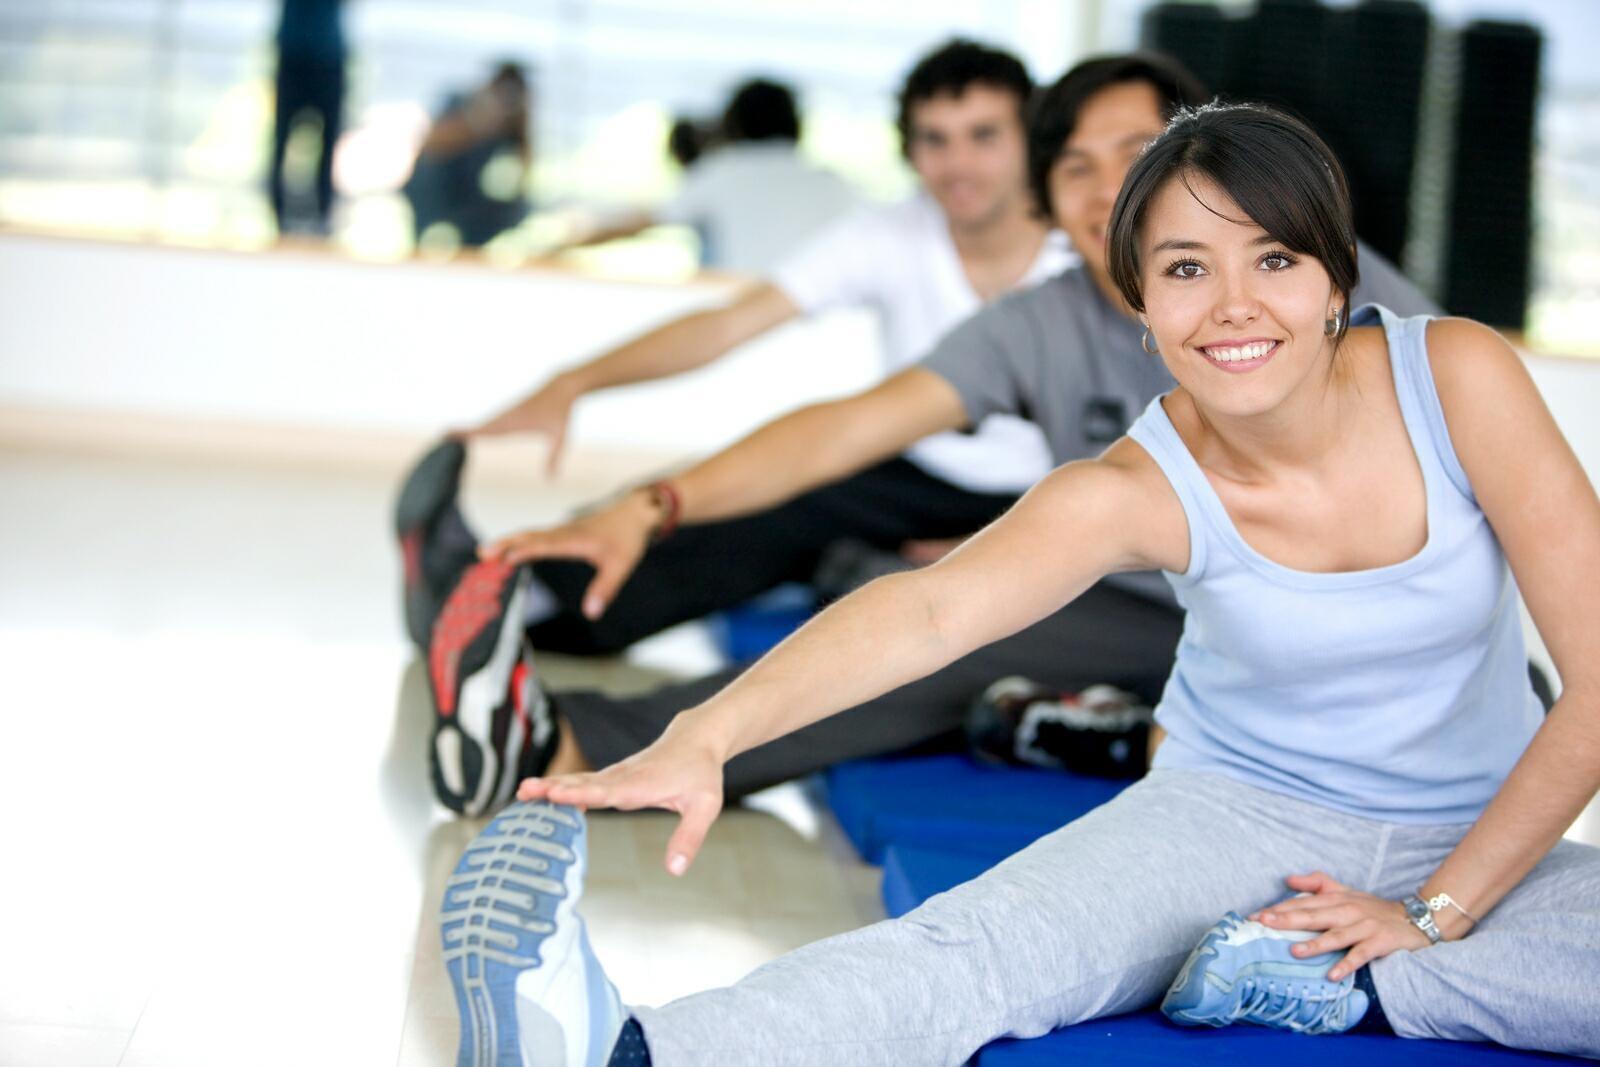 Физкультура и спорт в нашей жизни